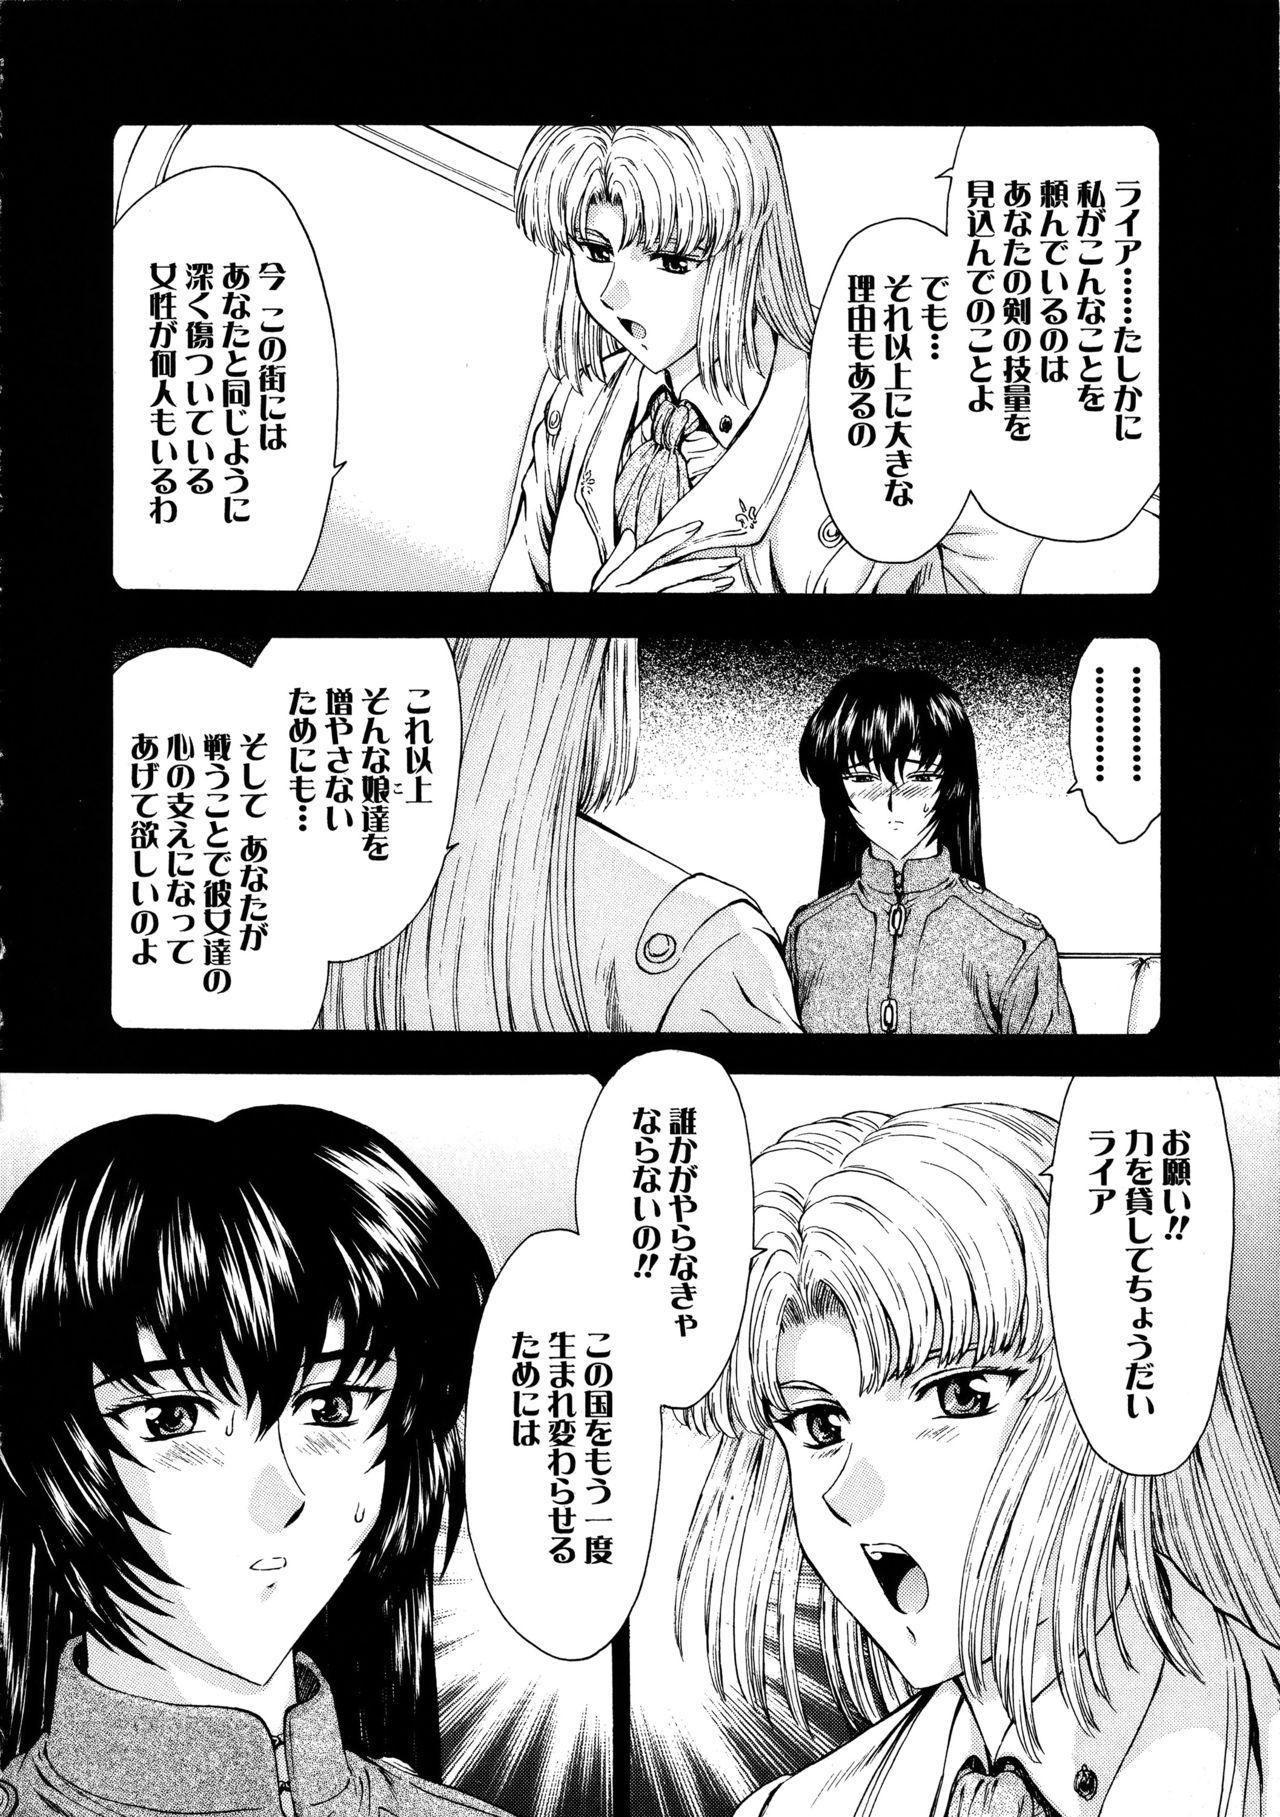 Ginryuu no Reimei Vol. 1 87